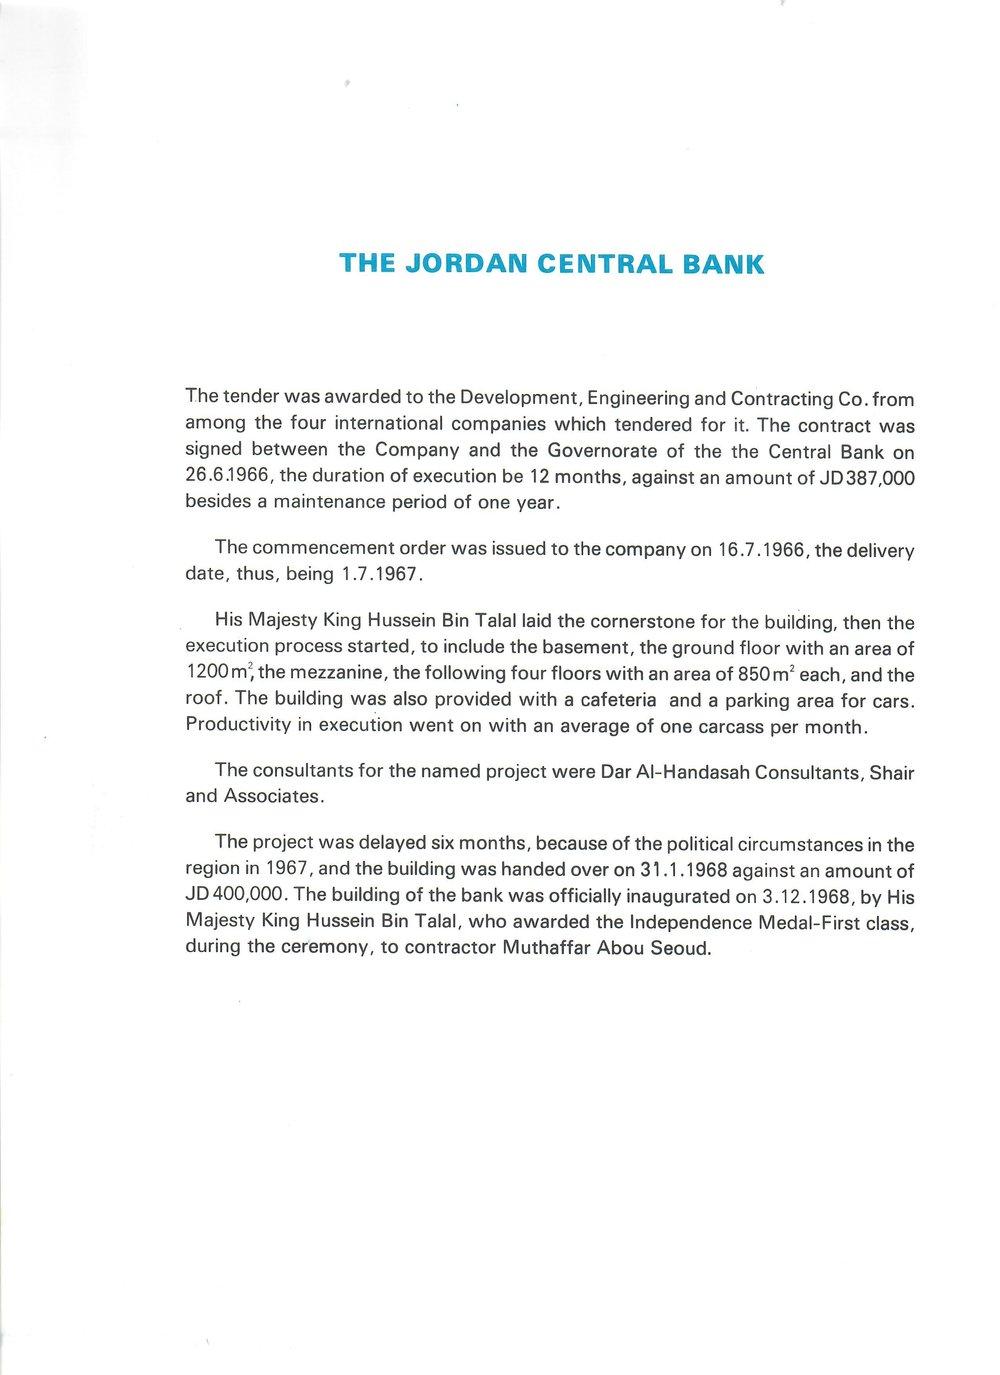 Jo central bank texteng.jpeg